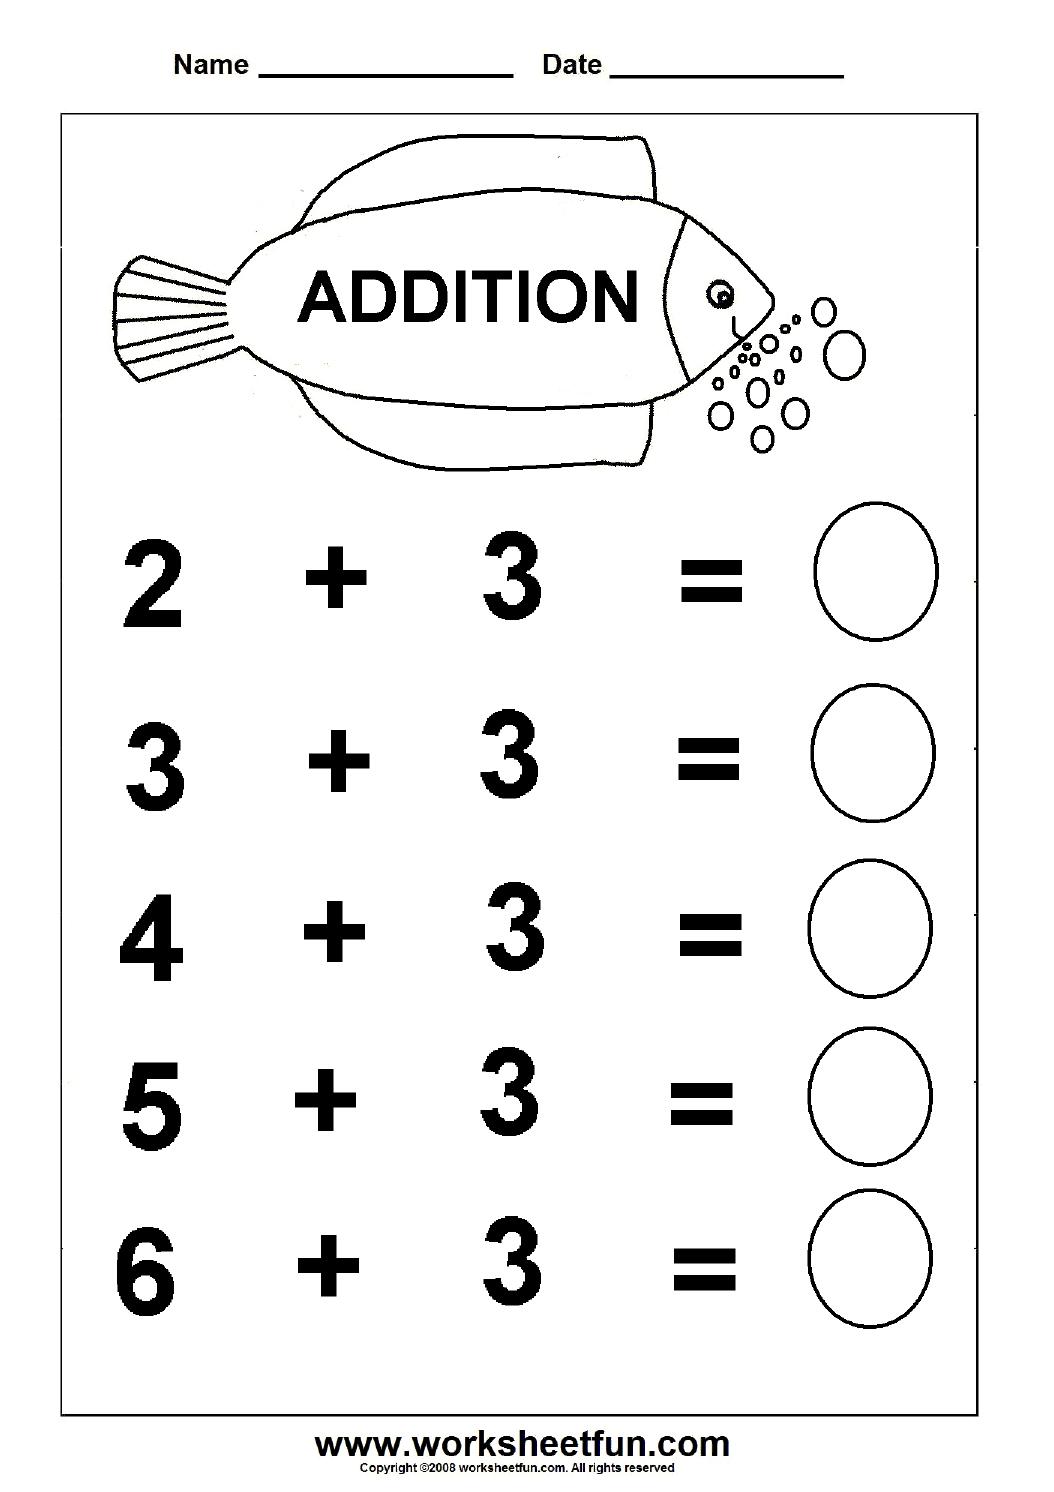 Beginner Addition – 6 Kindergarten Addition Worksheets / Free | Simple Addition Worksheets Printable